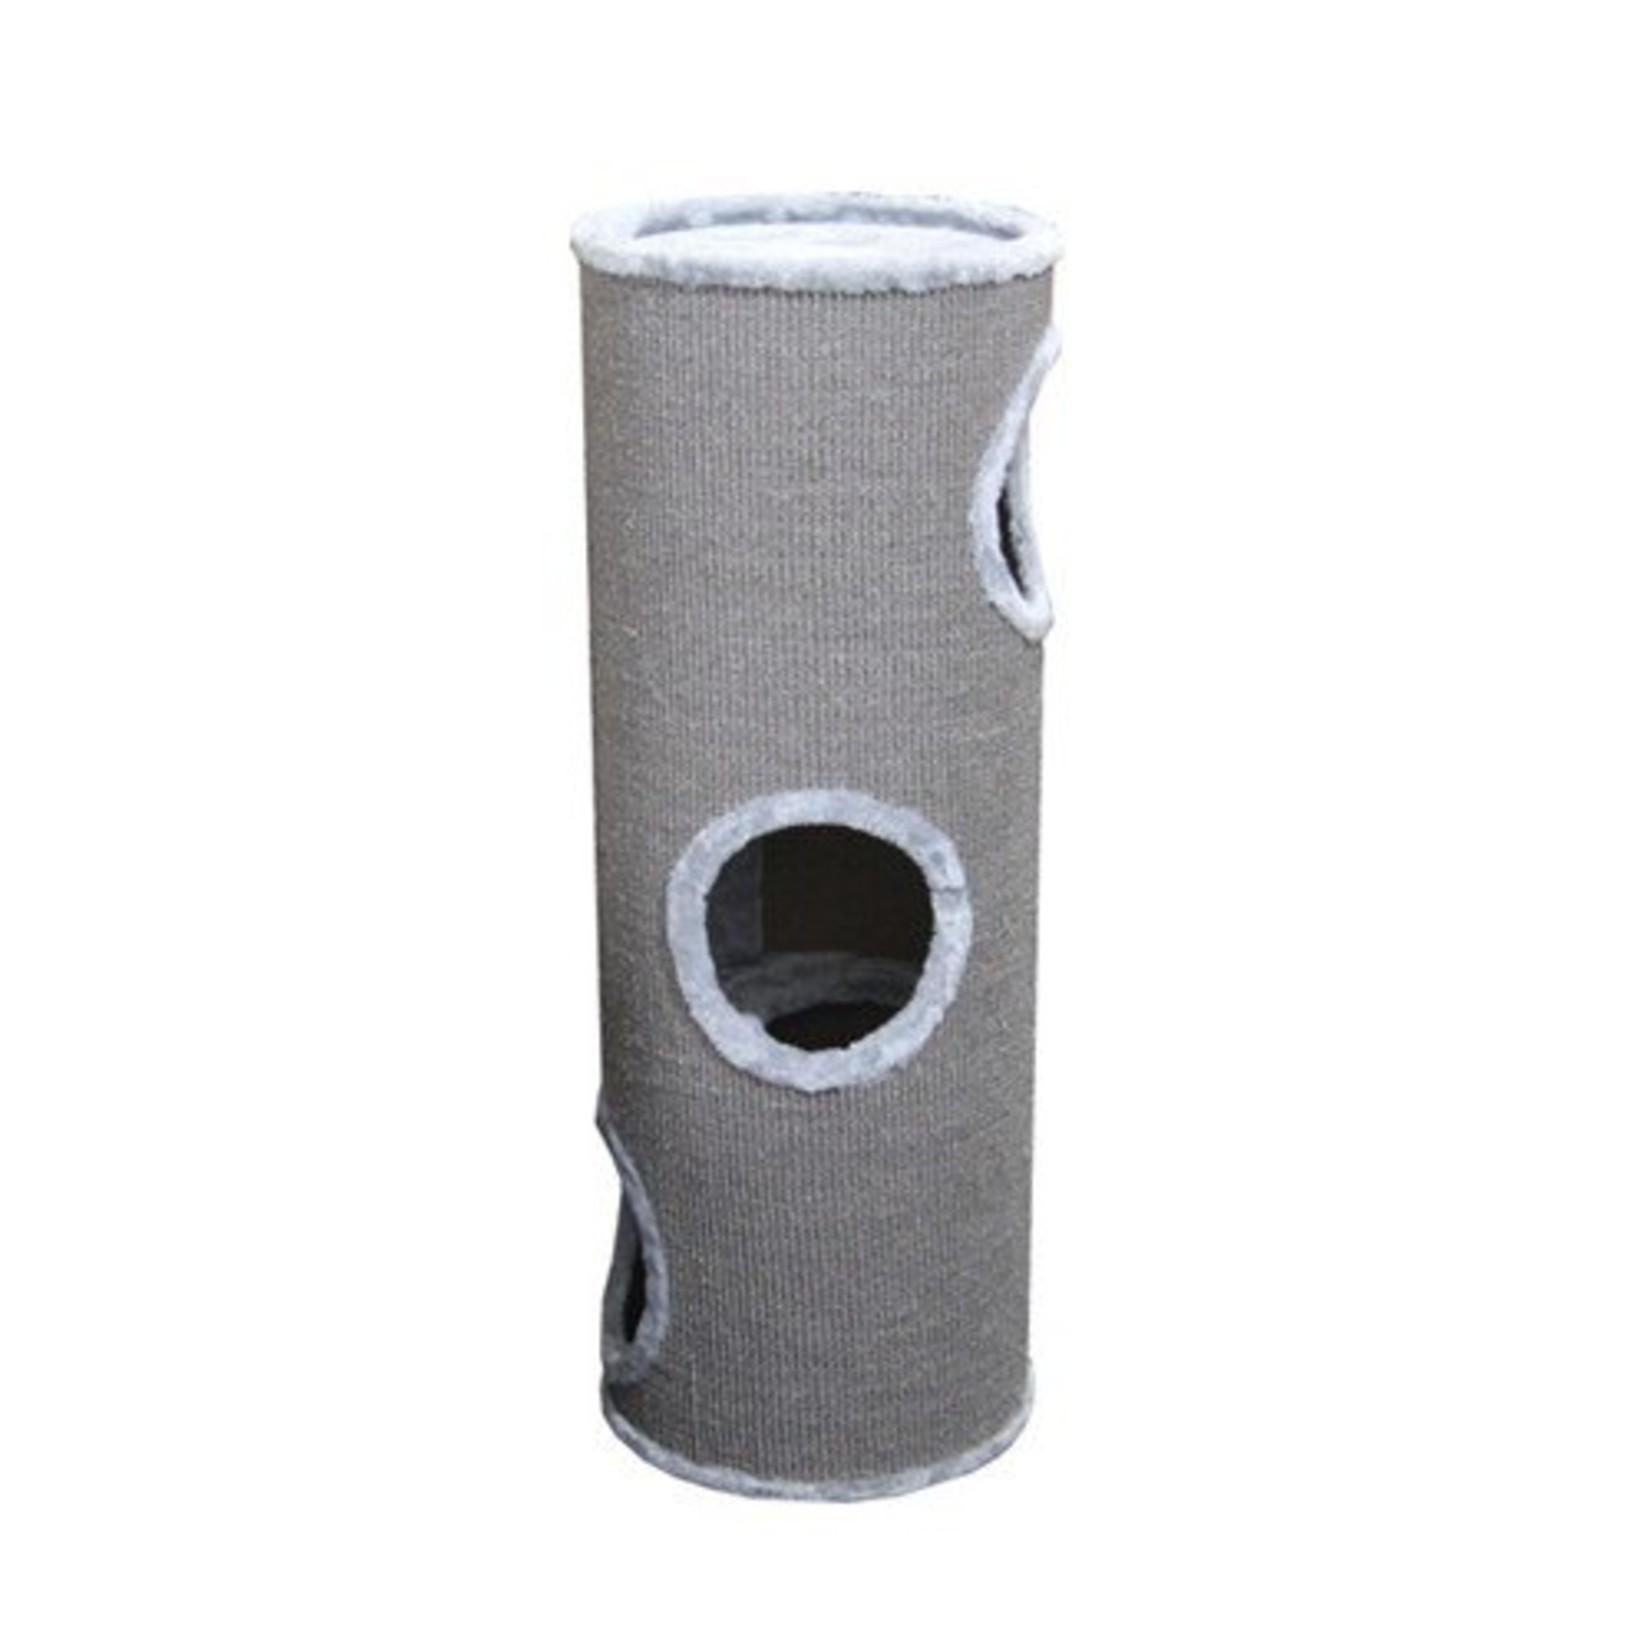 Krabton Nala grijs 70 cm